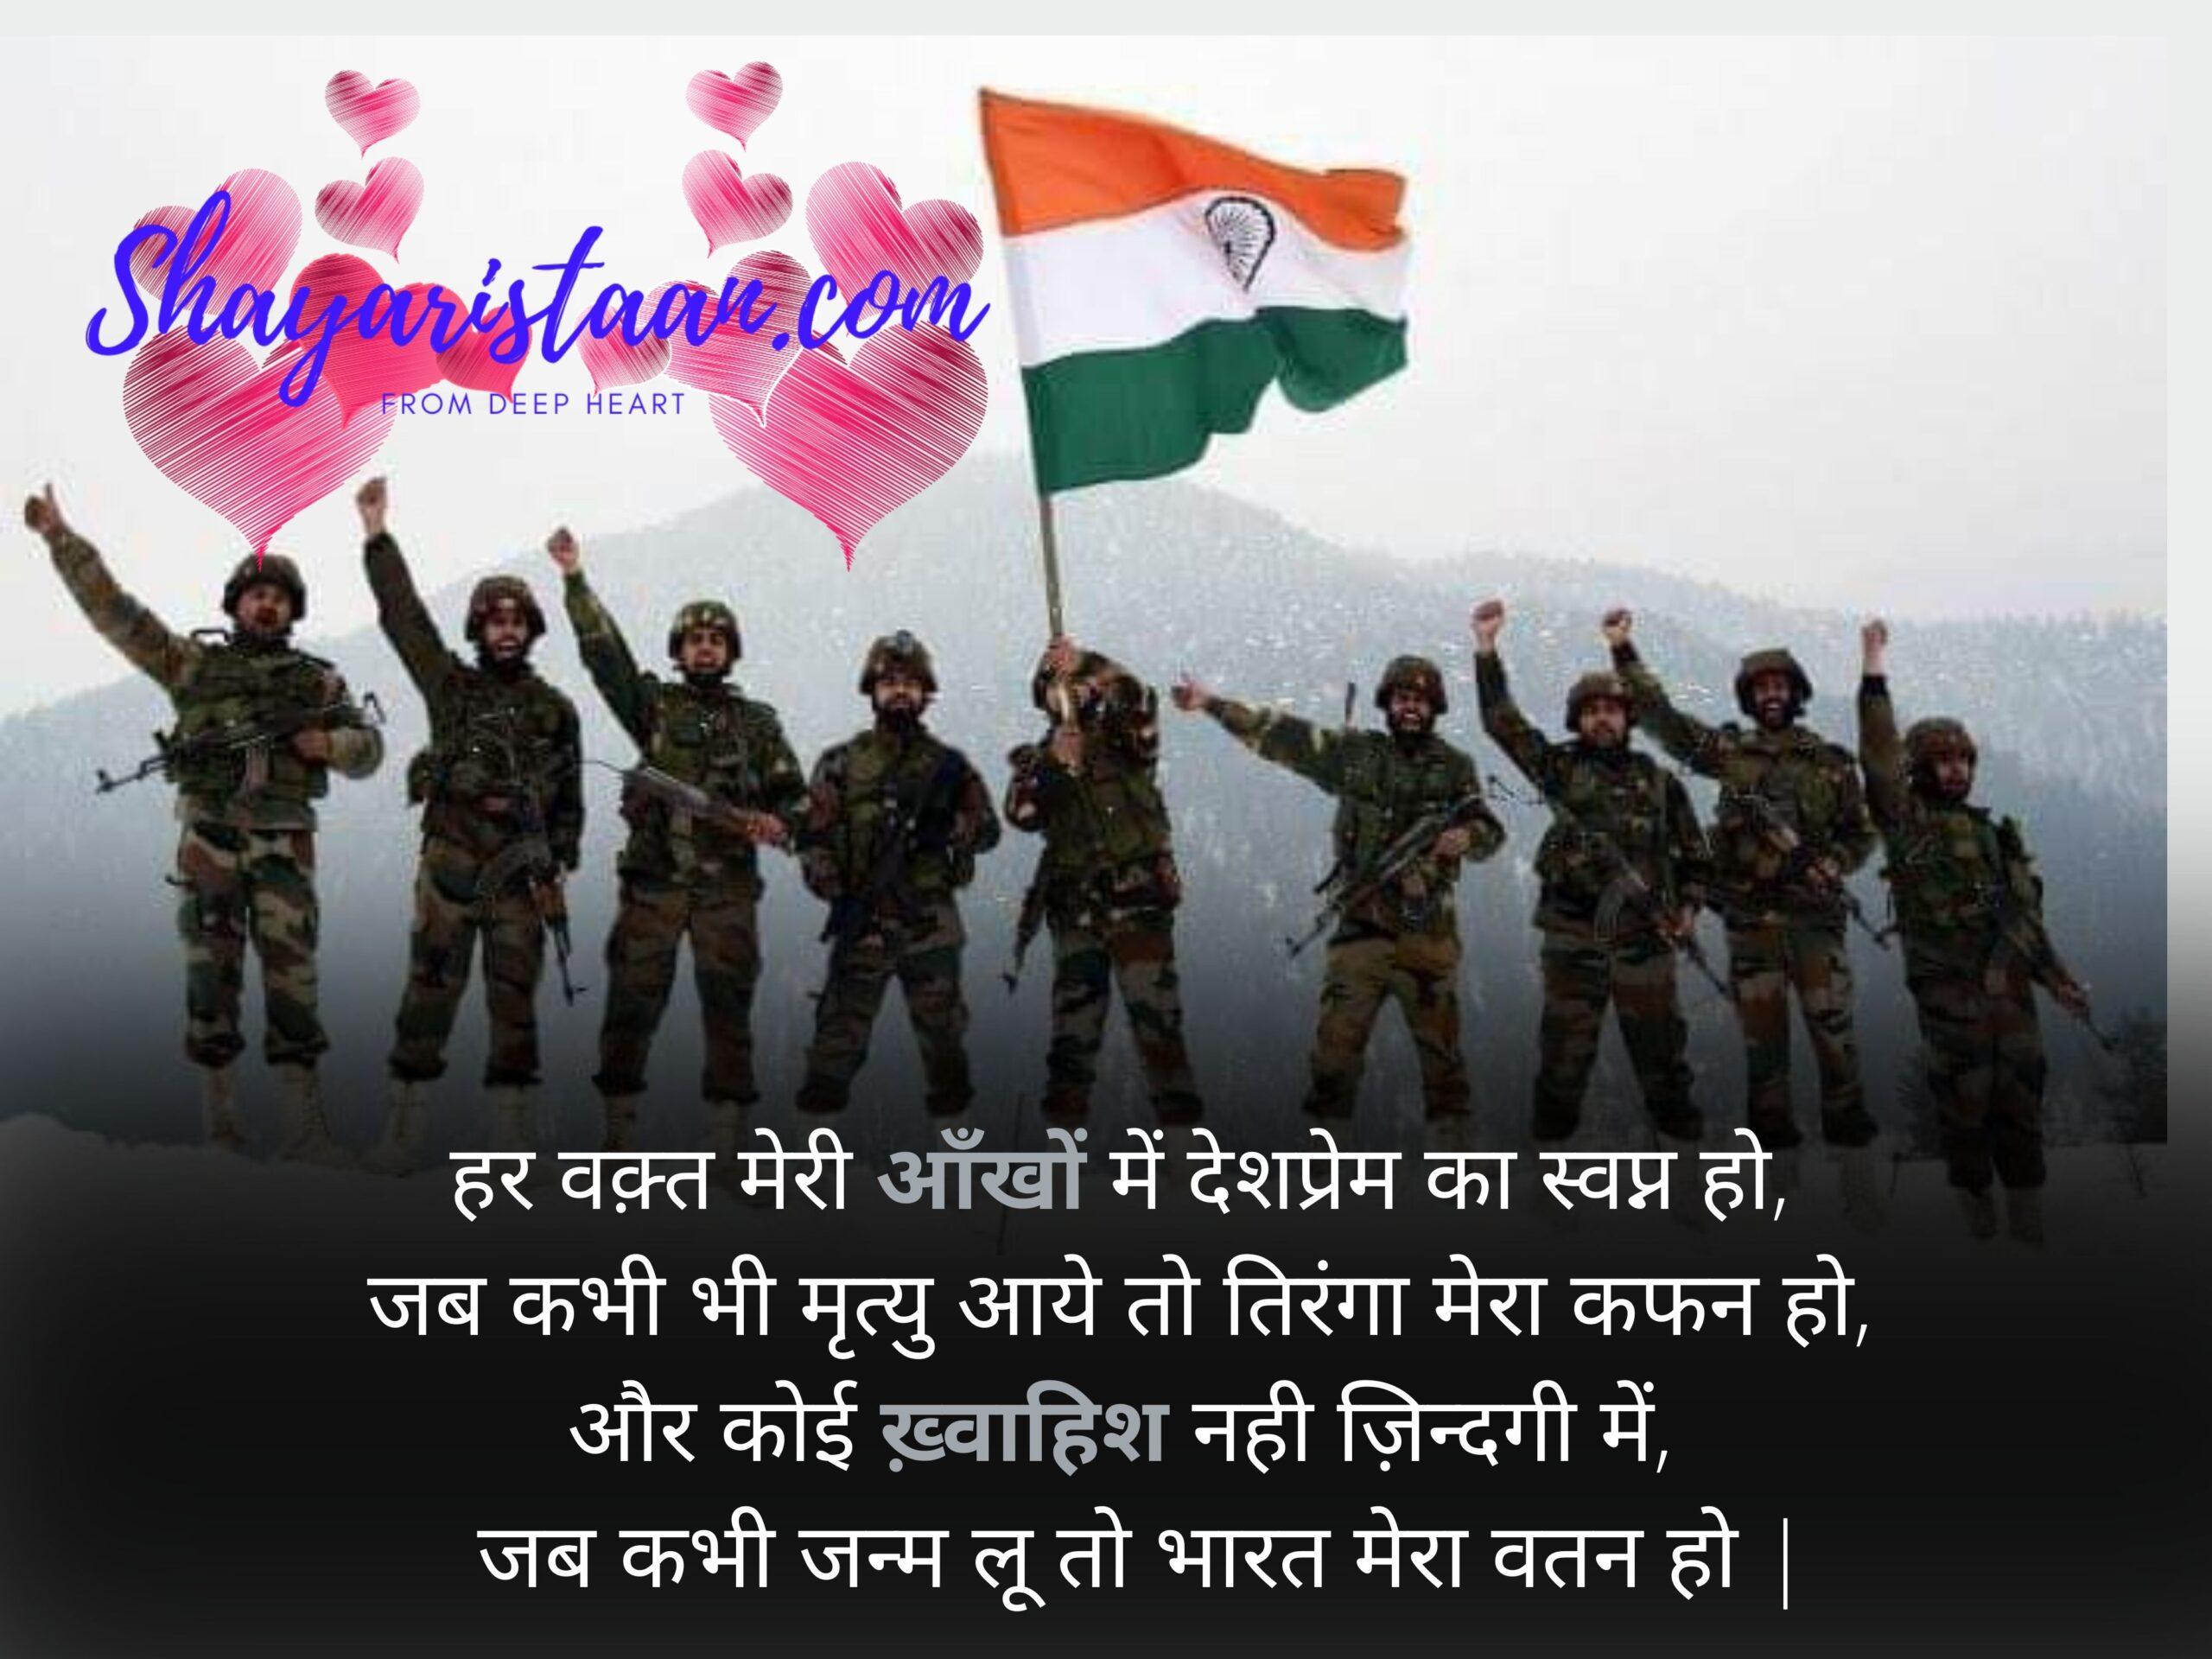 indian army shayari | हर वक़्त मेरी आँखों में देशप्रेम का स्वप्न हो, जब कभी भी मृत्यु आये तो तिरंगा मेरा कफन हो, और कोई ख़्वाहिश नही ज़िन्दगी में, जब कभी जन्म लू तो भारत मेरा वतन हो |